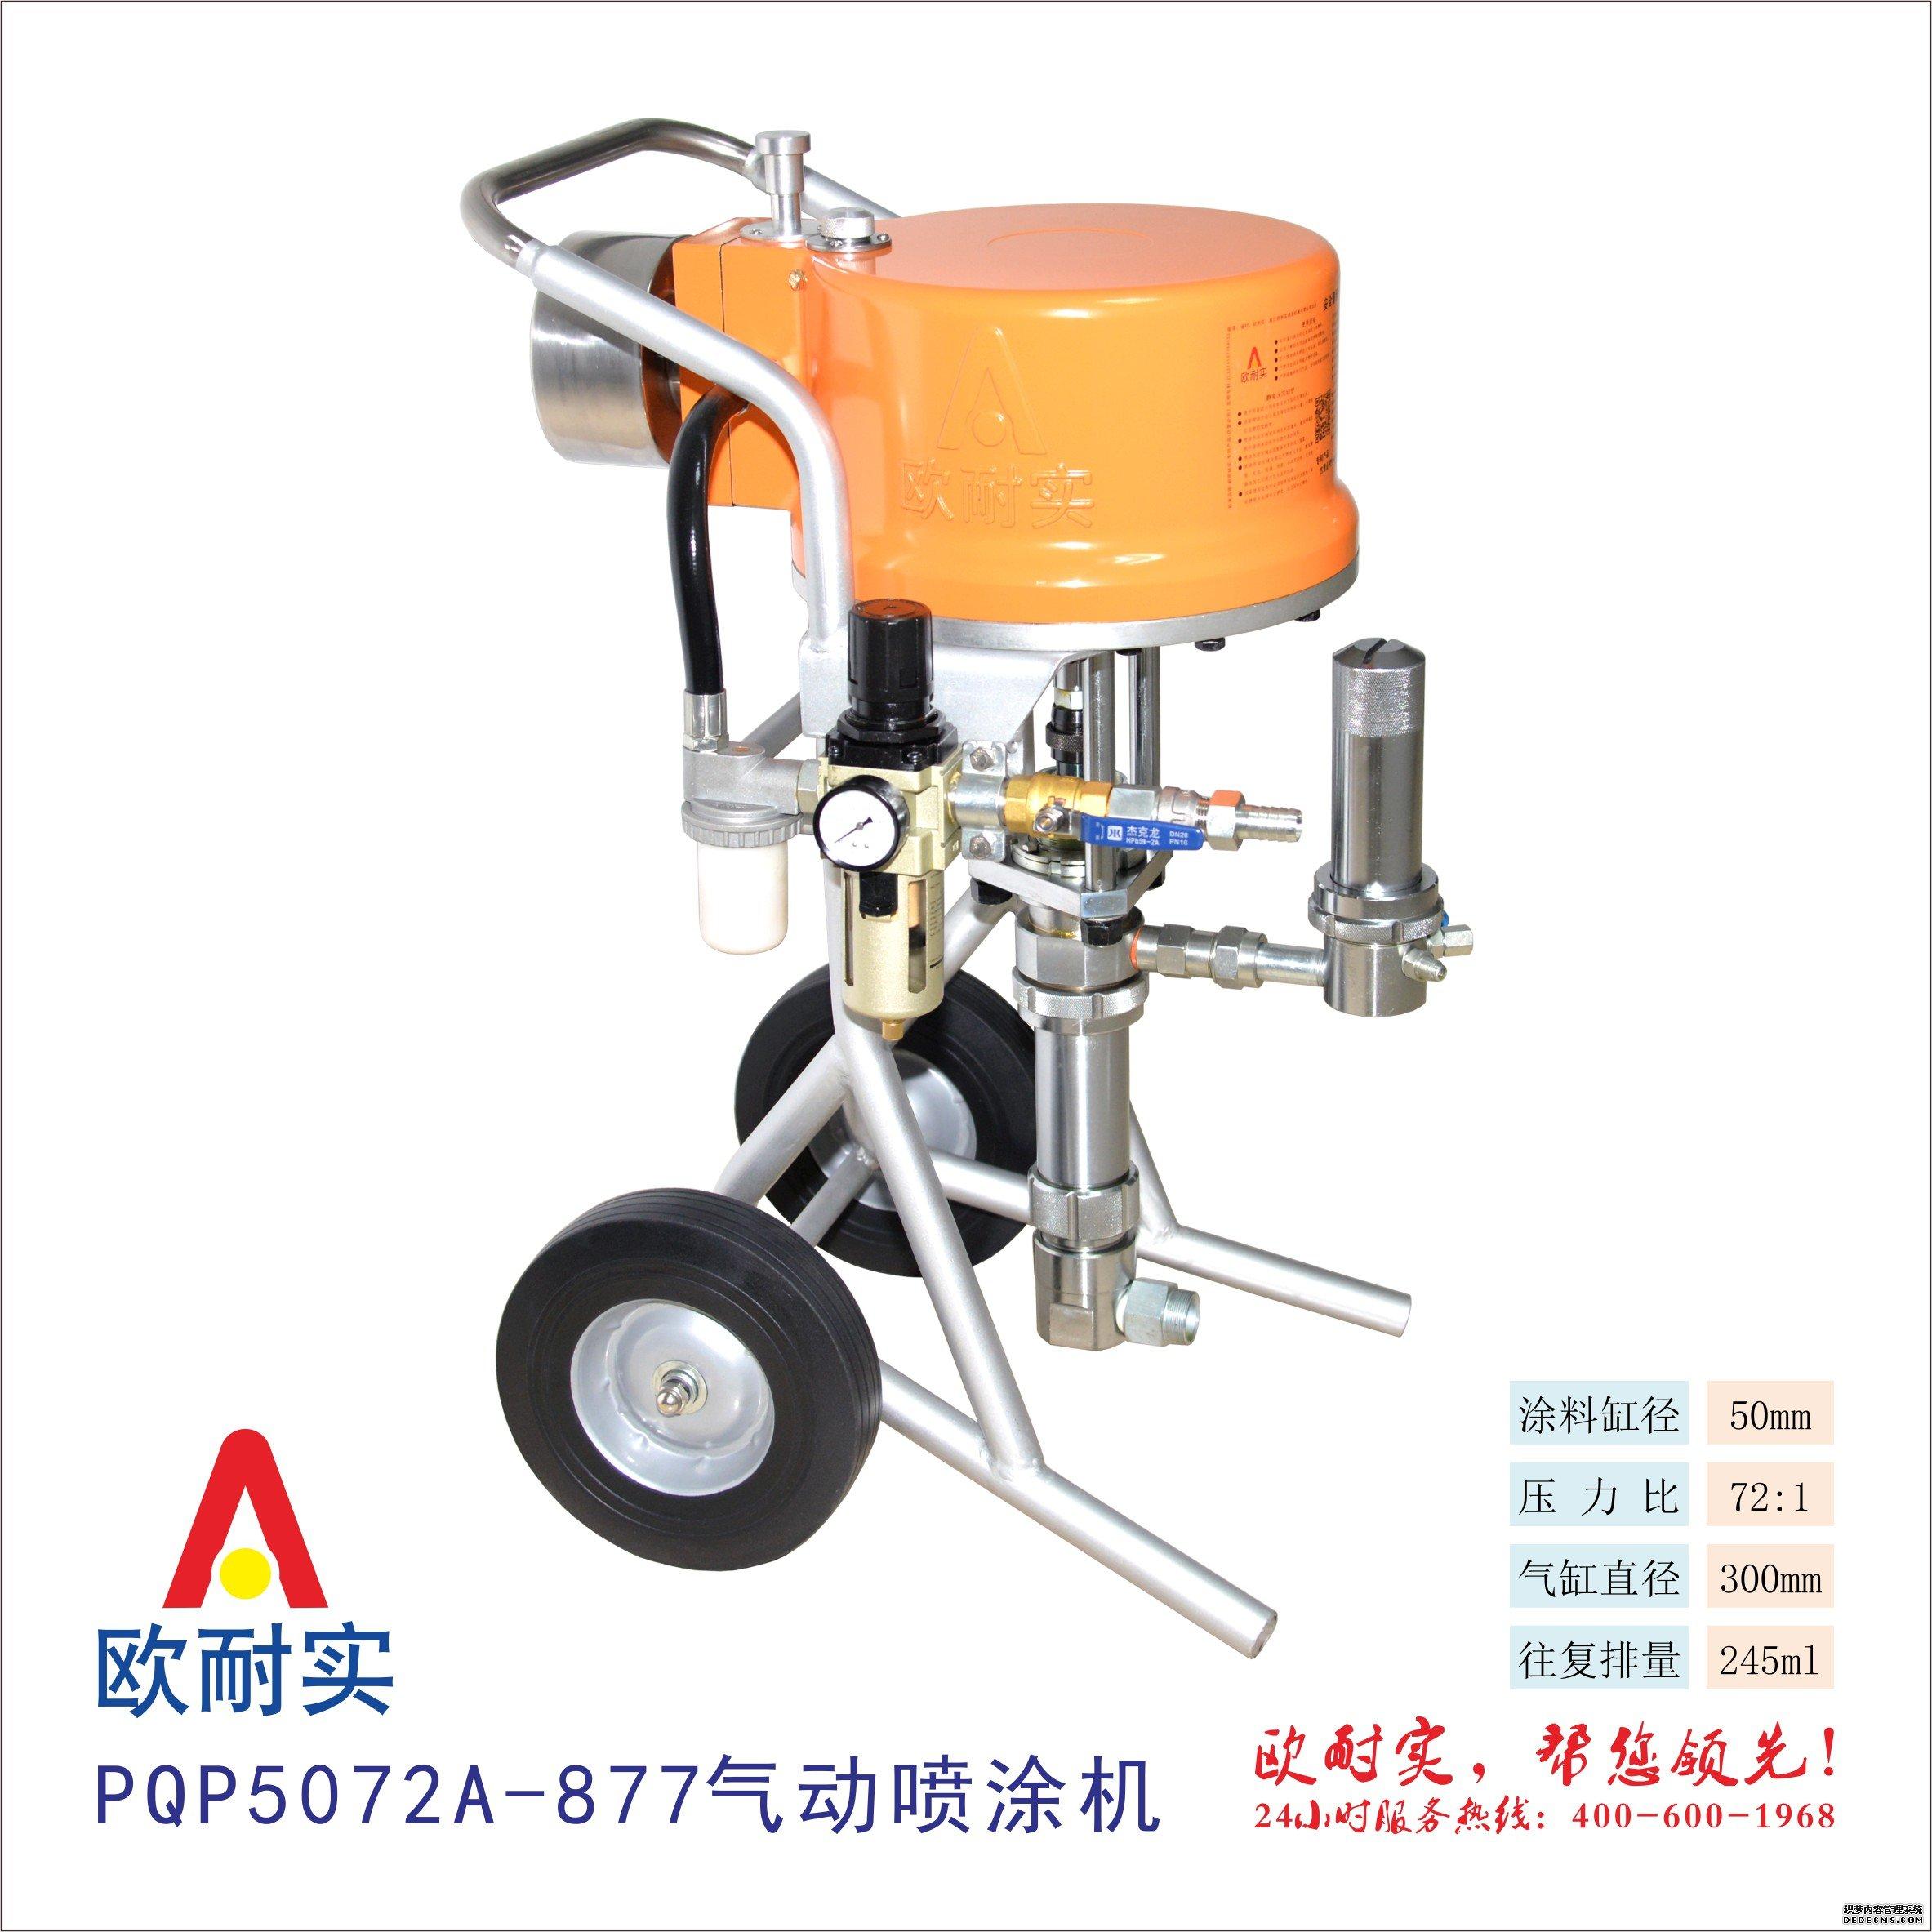 PQP5072A-877气动喷tu机